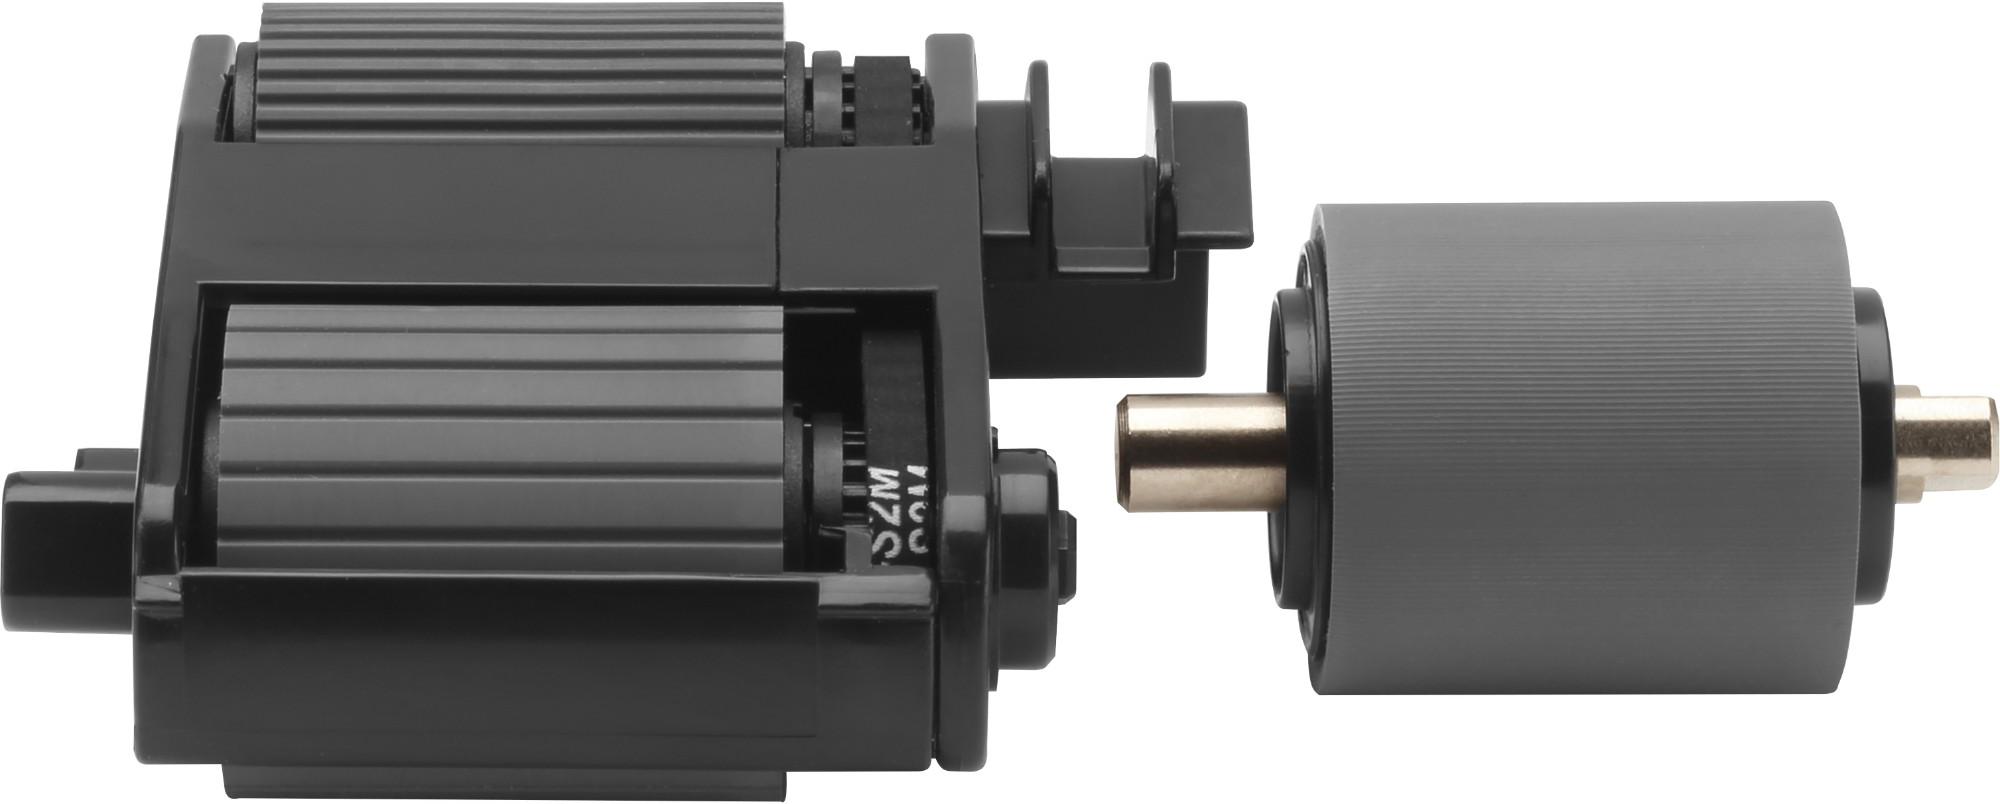 HP Kit de reemplazo con ruedas ADF 200